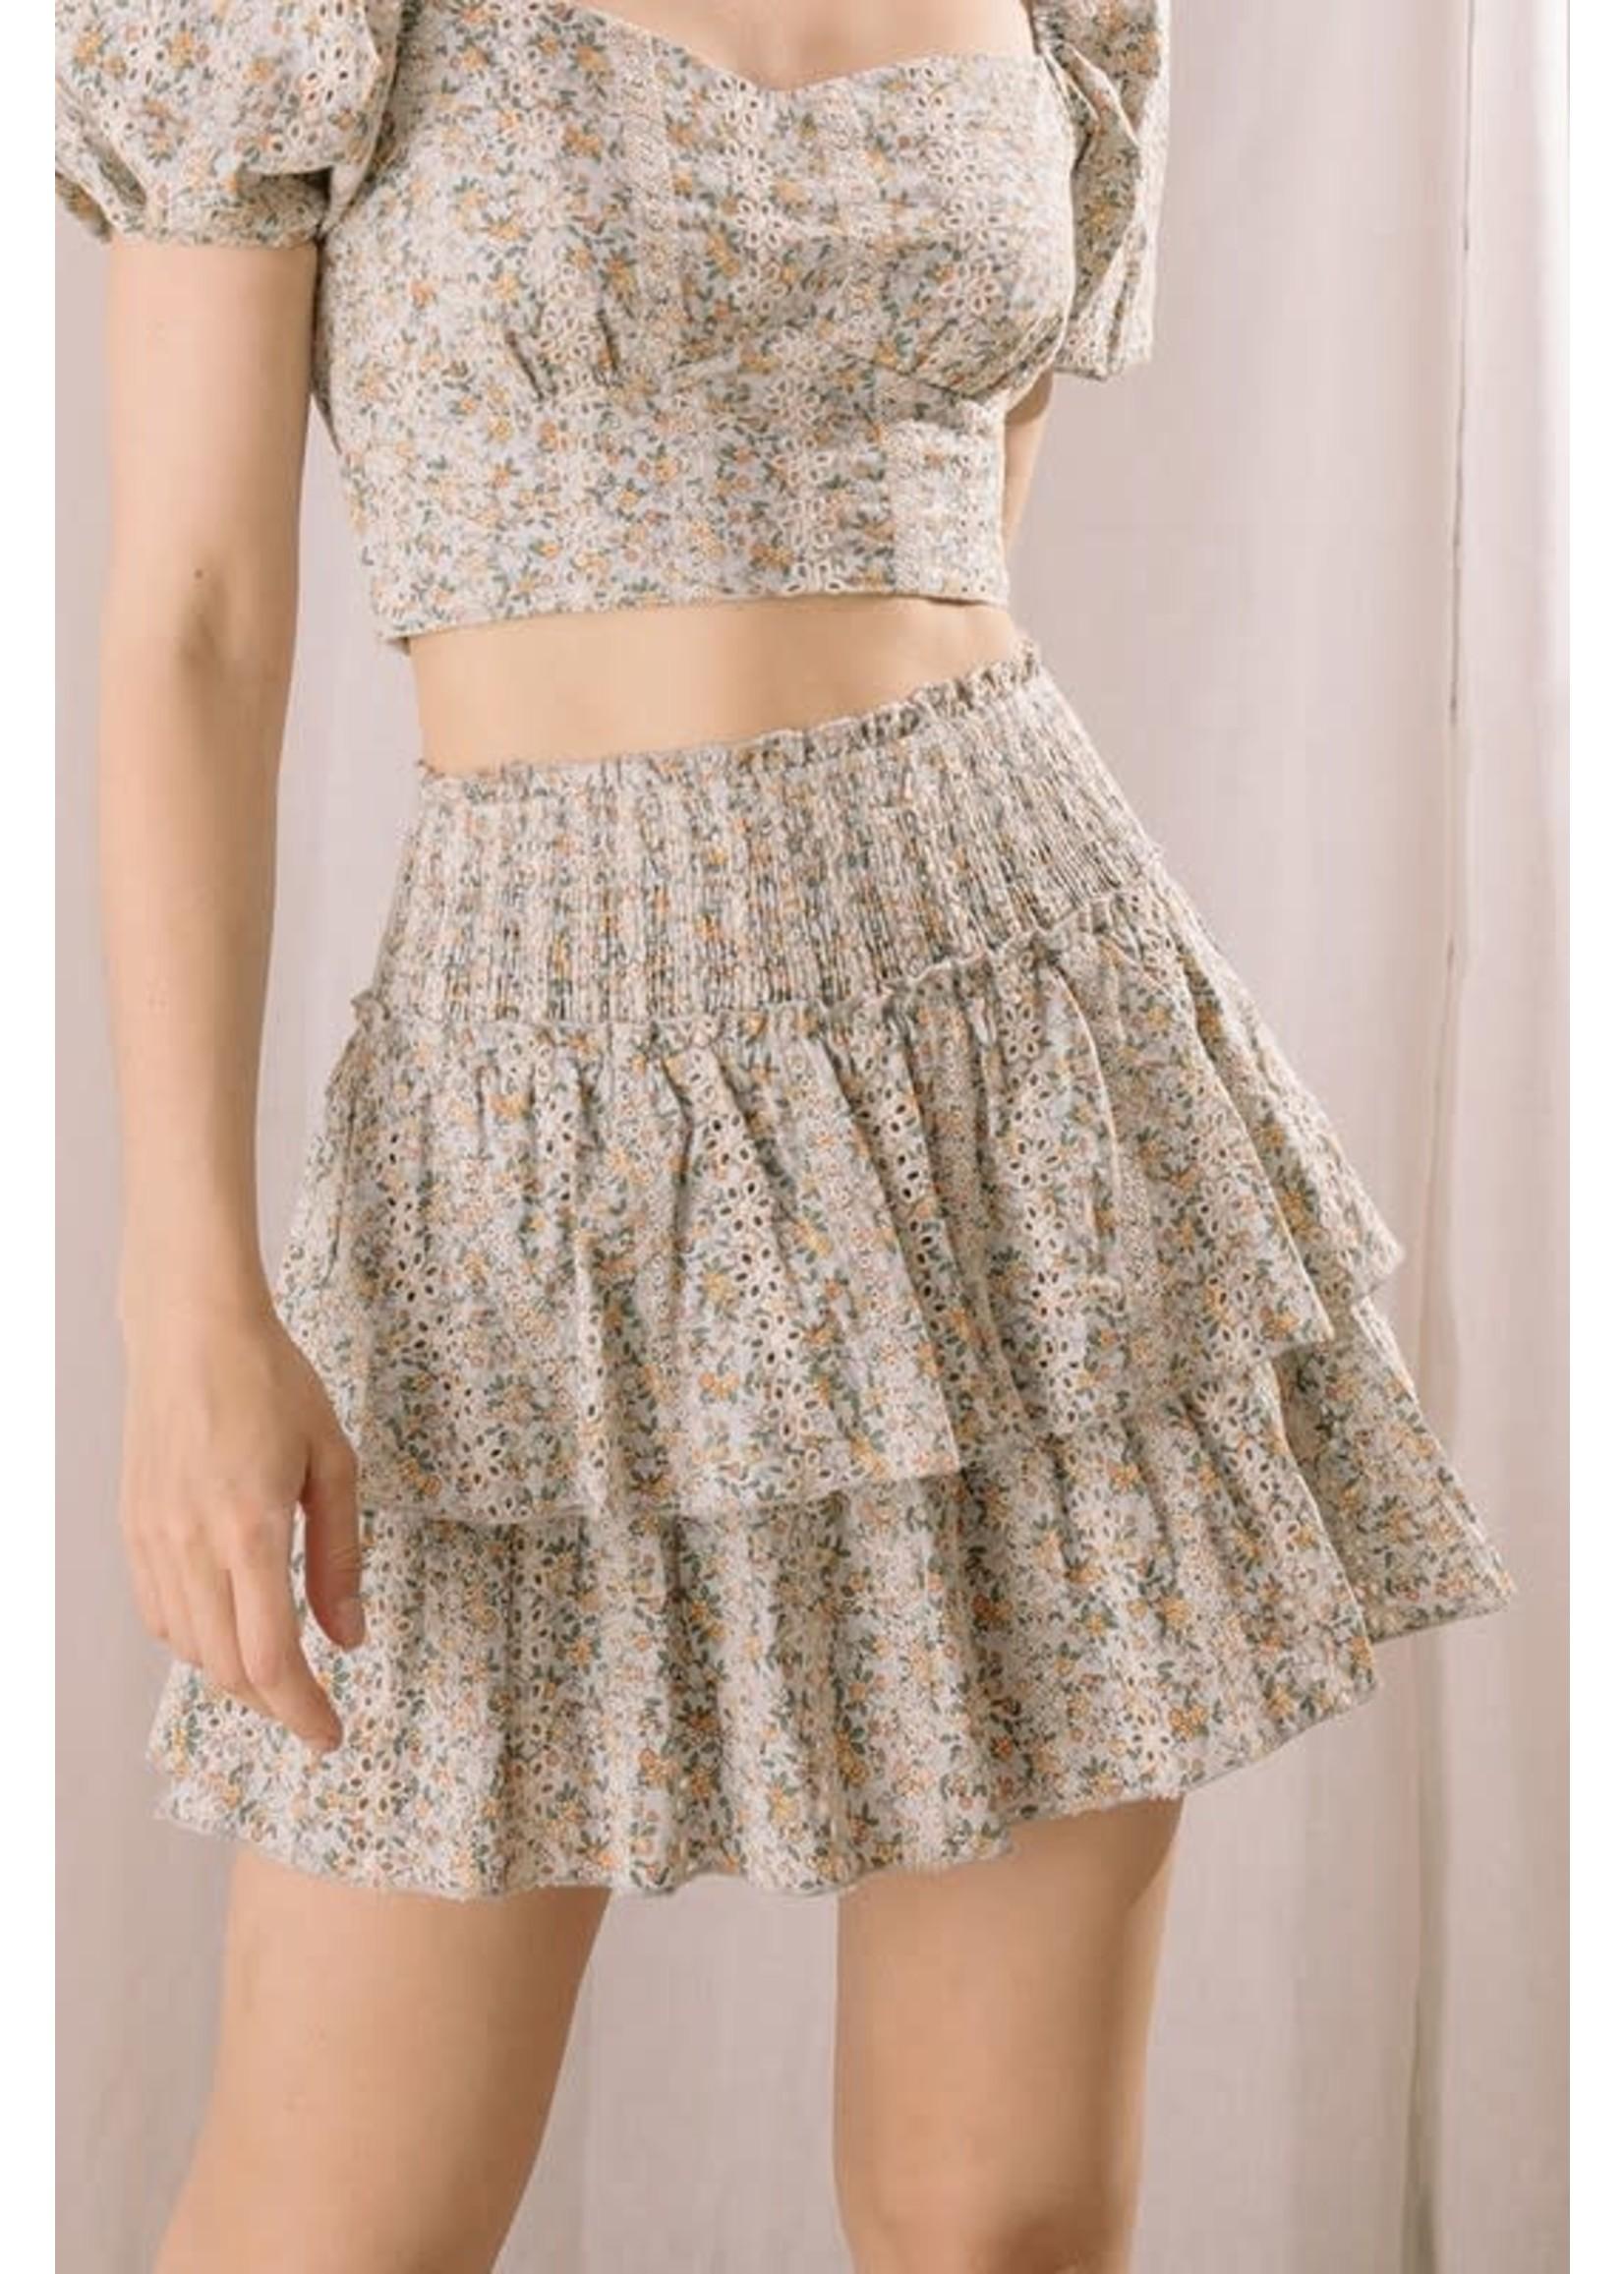 Storia Floral Eyelet Mini Skirt - BS1863A